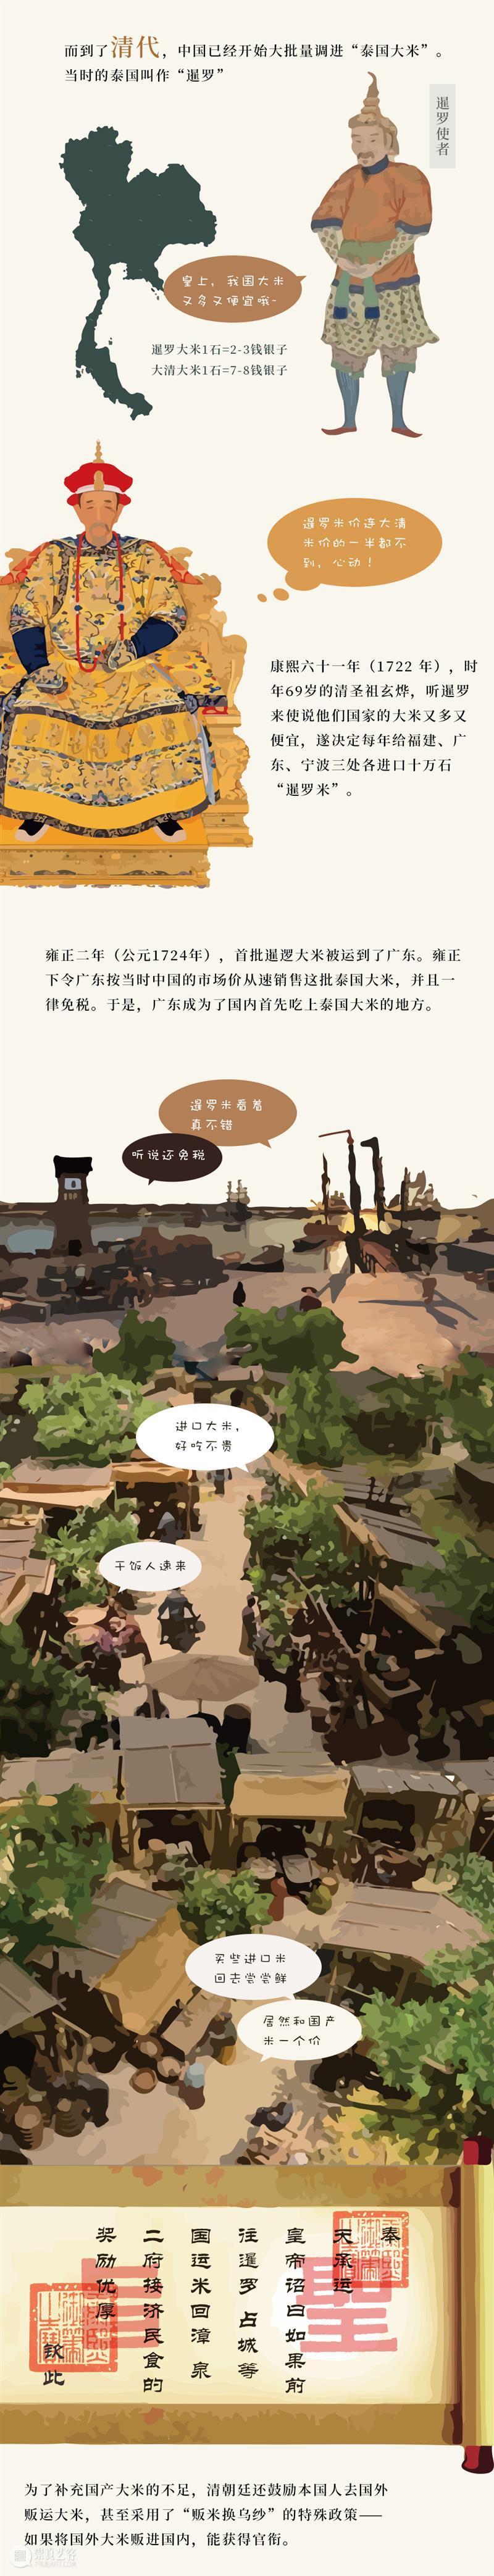 一万年前的一粒米,后来…… 后来 岁月 人们 蒸饭 糗糒 锅巴 青精饭 蟠桃饭 玉井 金饭 崇真艺客